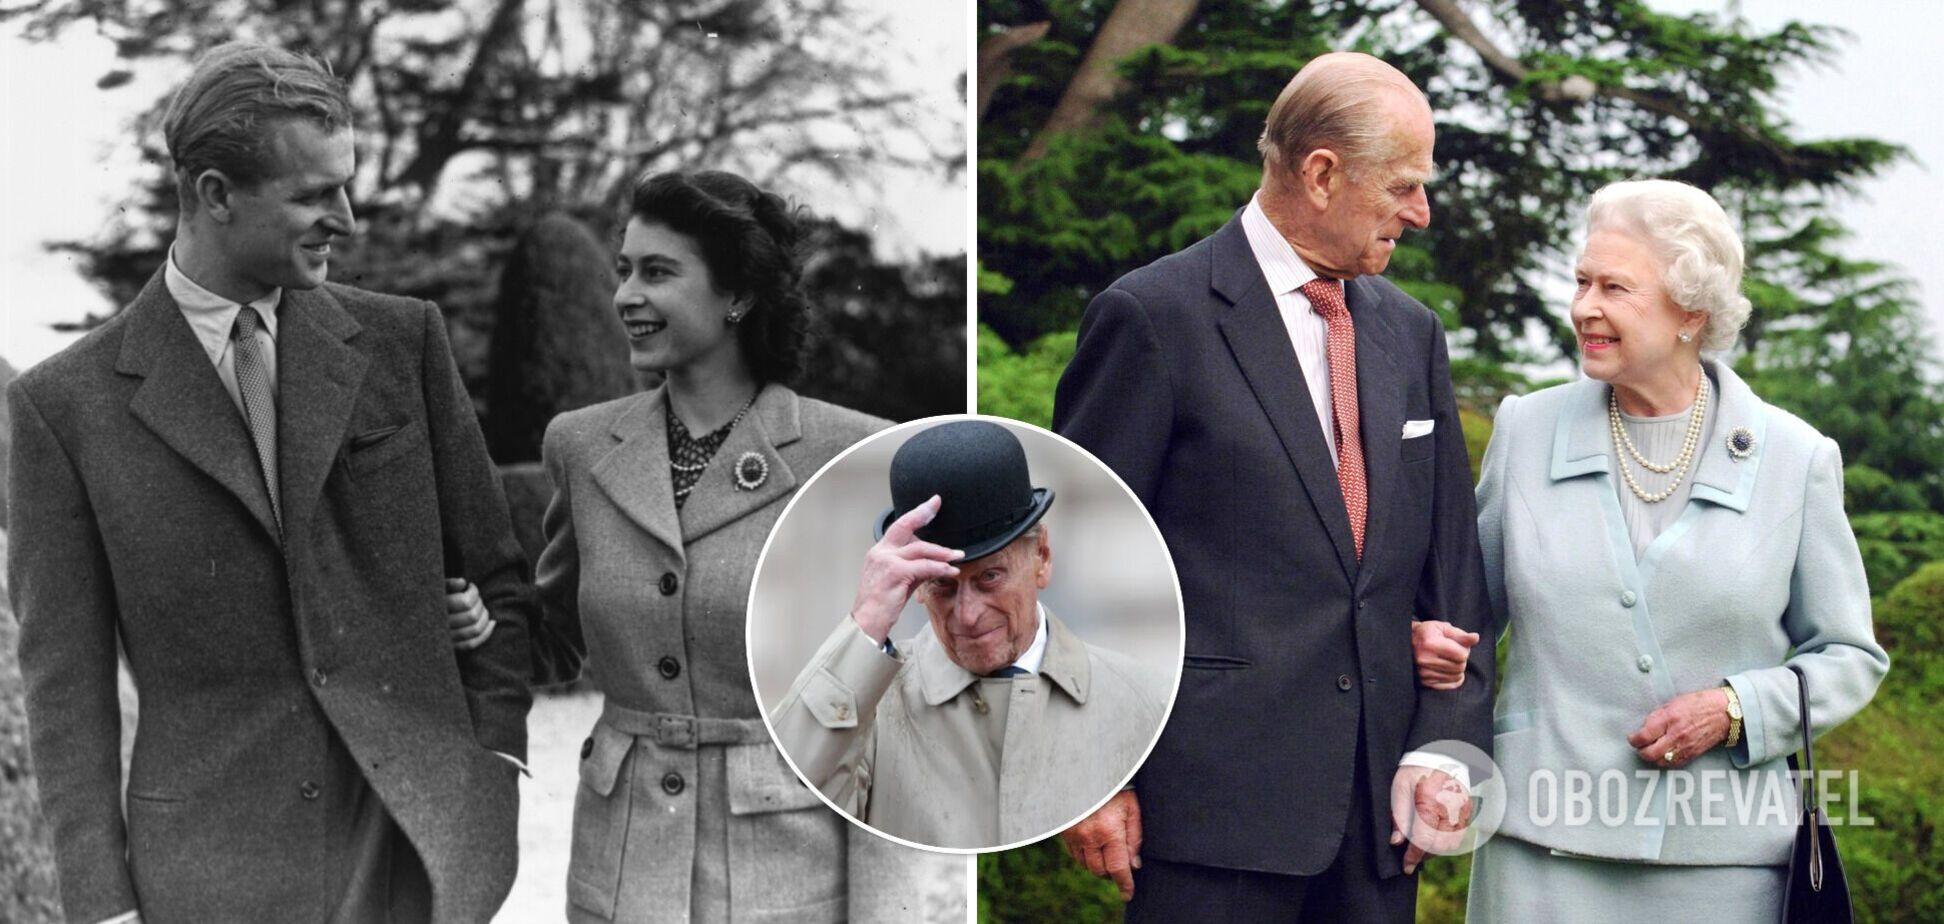 100 лет со дня рождения принца Филиппа: редкие архивные фото с королевой Елизаветой II